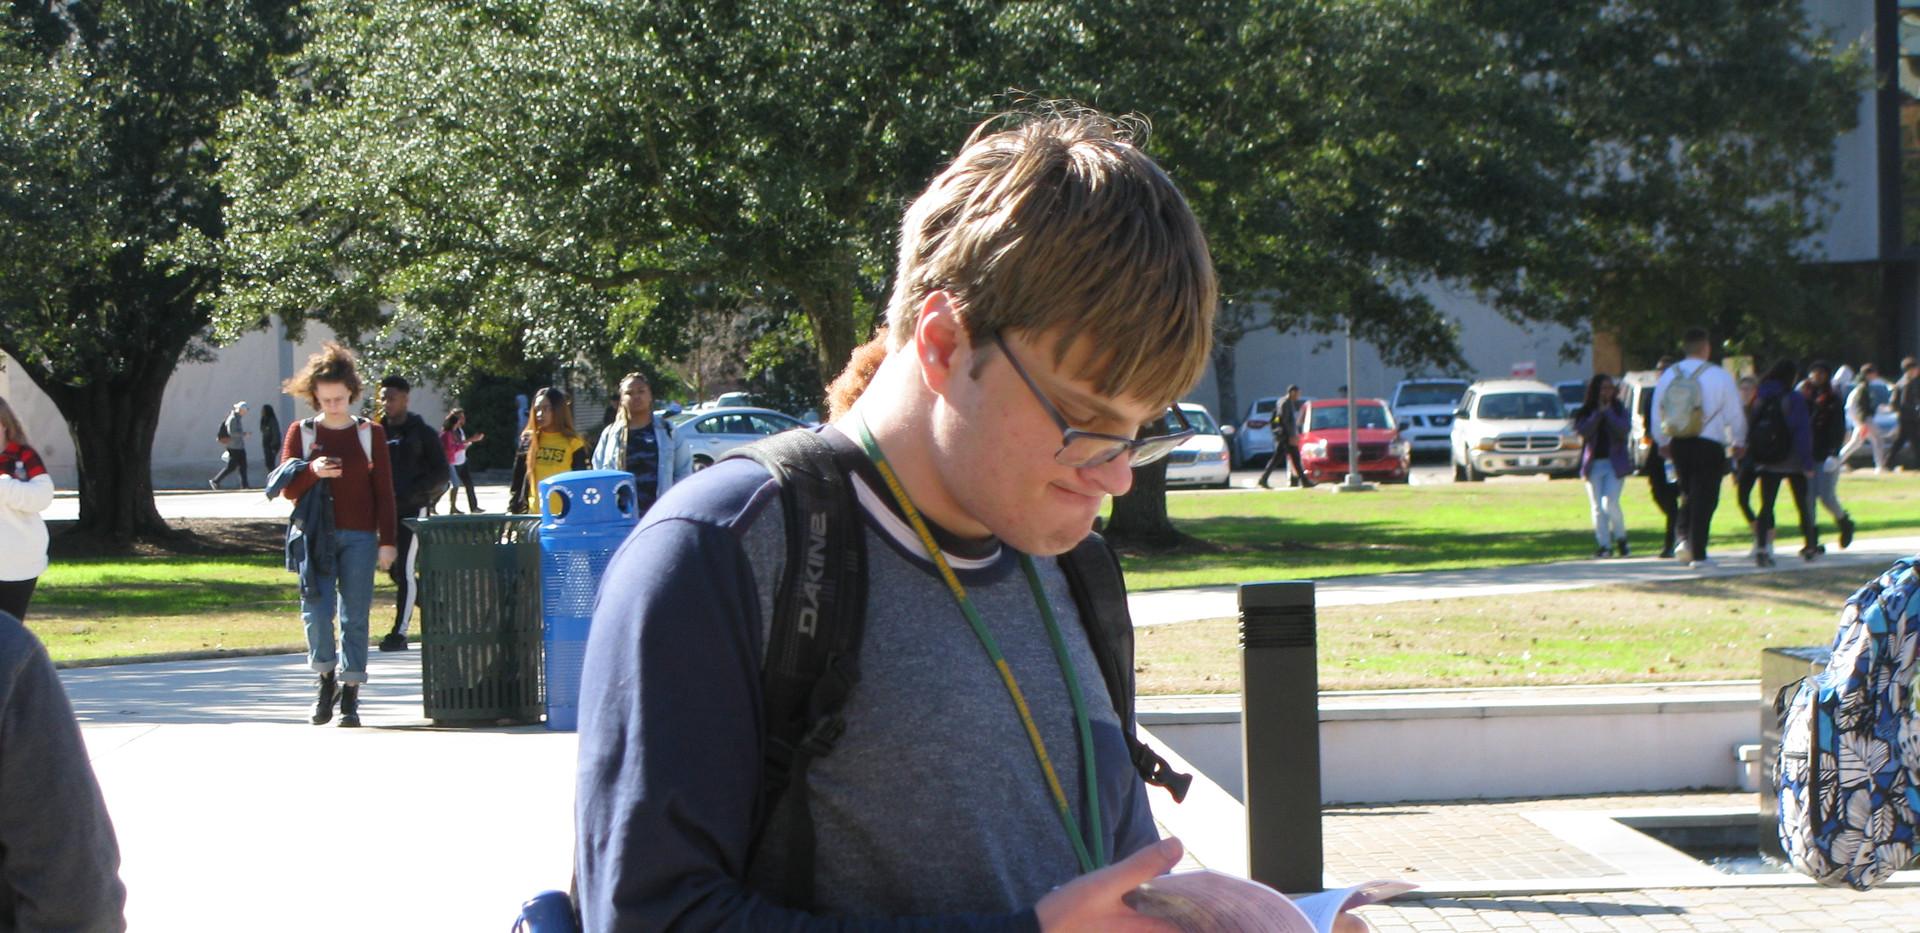 17.  Student at Southeastern Louisiana U